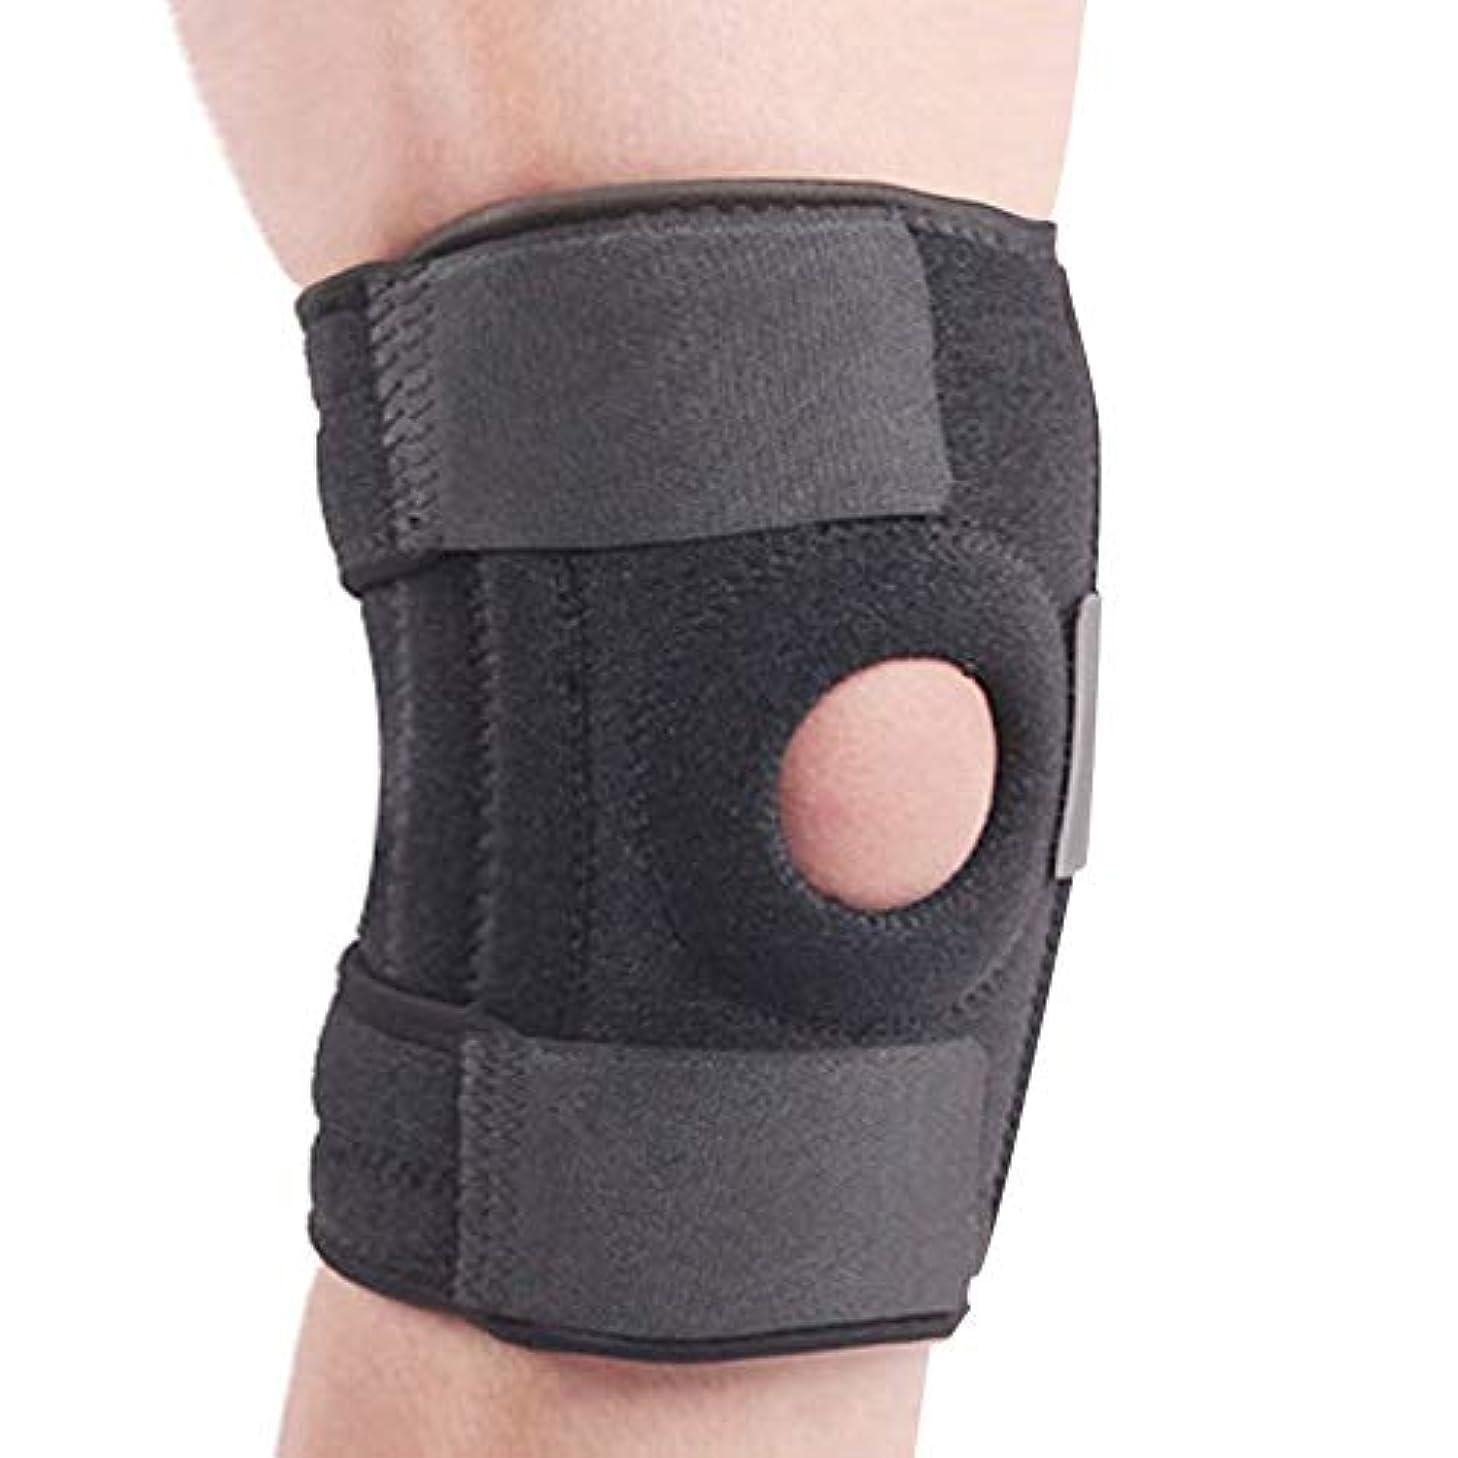 リーガン群れ目覚める膝サポーター スポーツ ひざ固定 怪我防止 膝保護 通気性 3点調整式 フリーサイズ 関節 1枚入 男女兼用